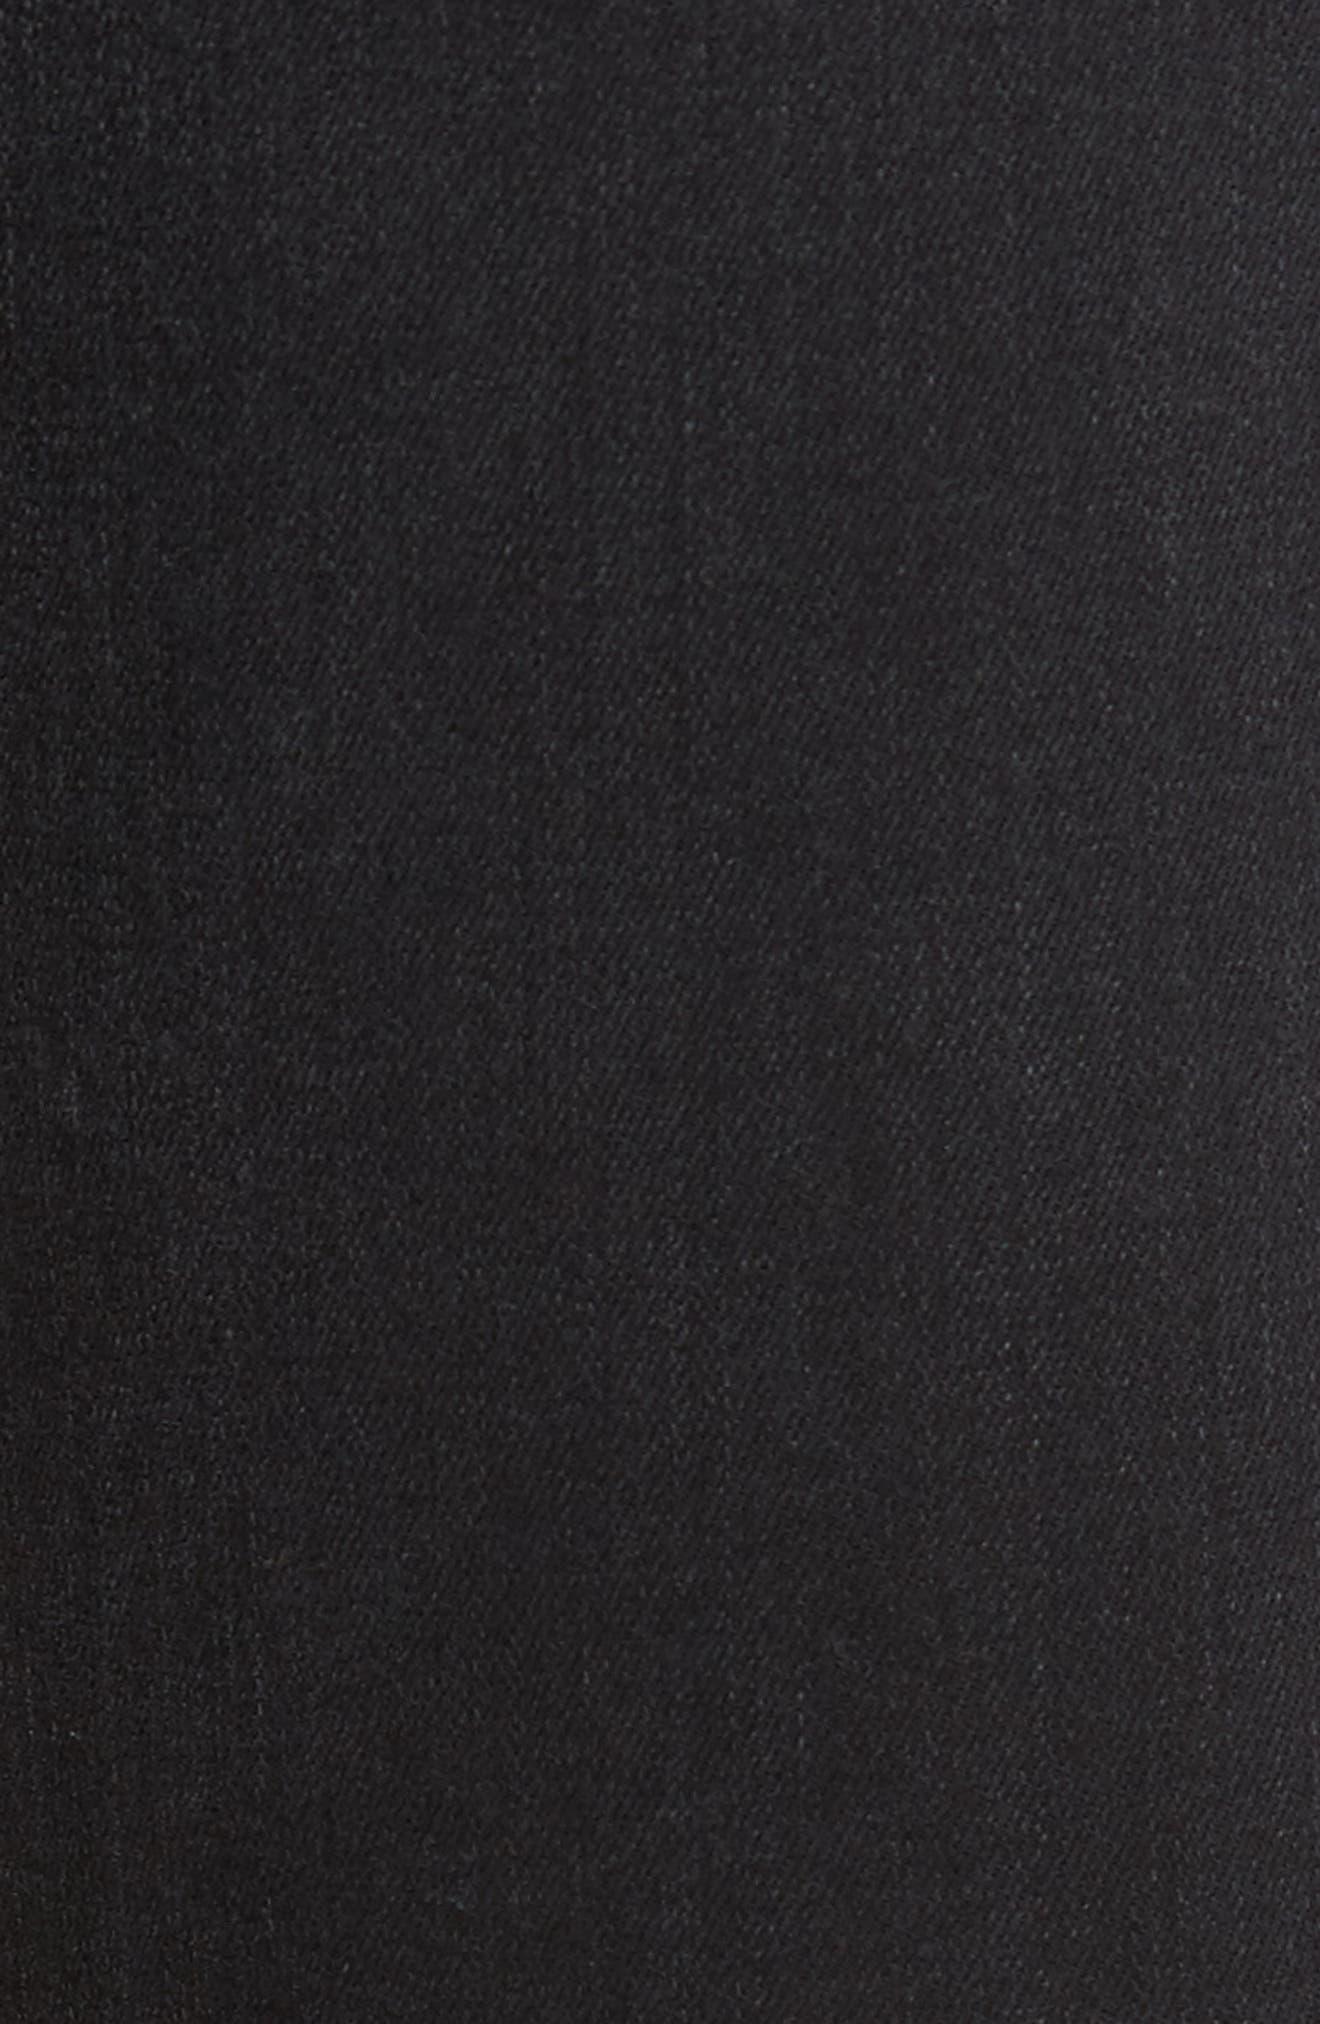 Slim Fit Jeans,                             Alternate thumbnail 5, color,                             001